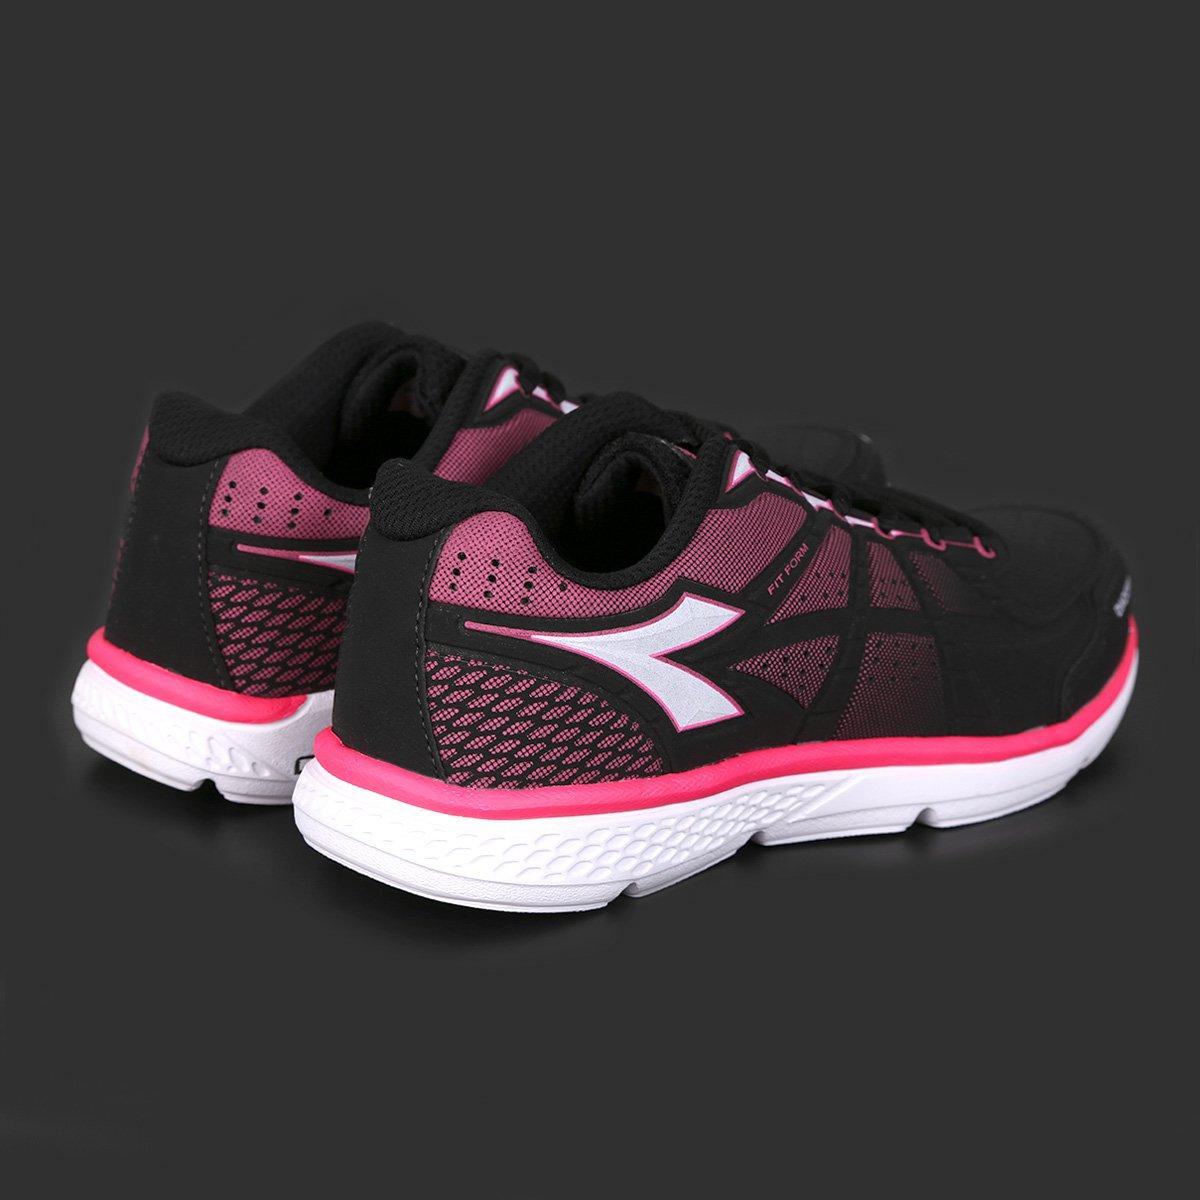 000a172fc4 Tênis Diadora Fit Form Sl Feminino - Compre Agora